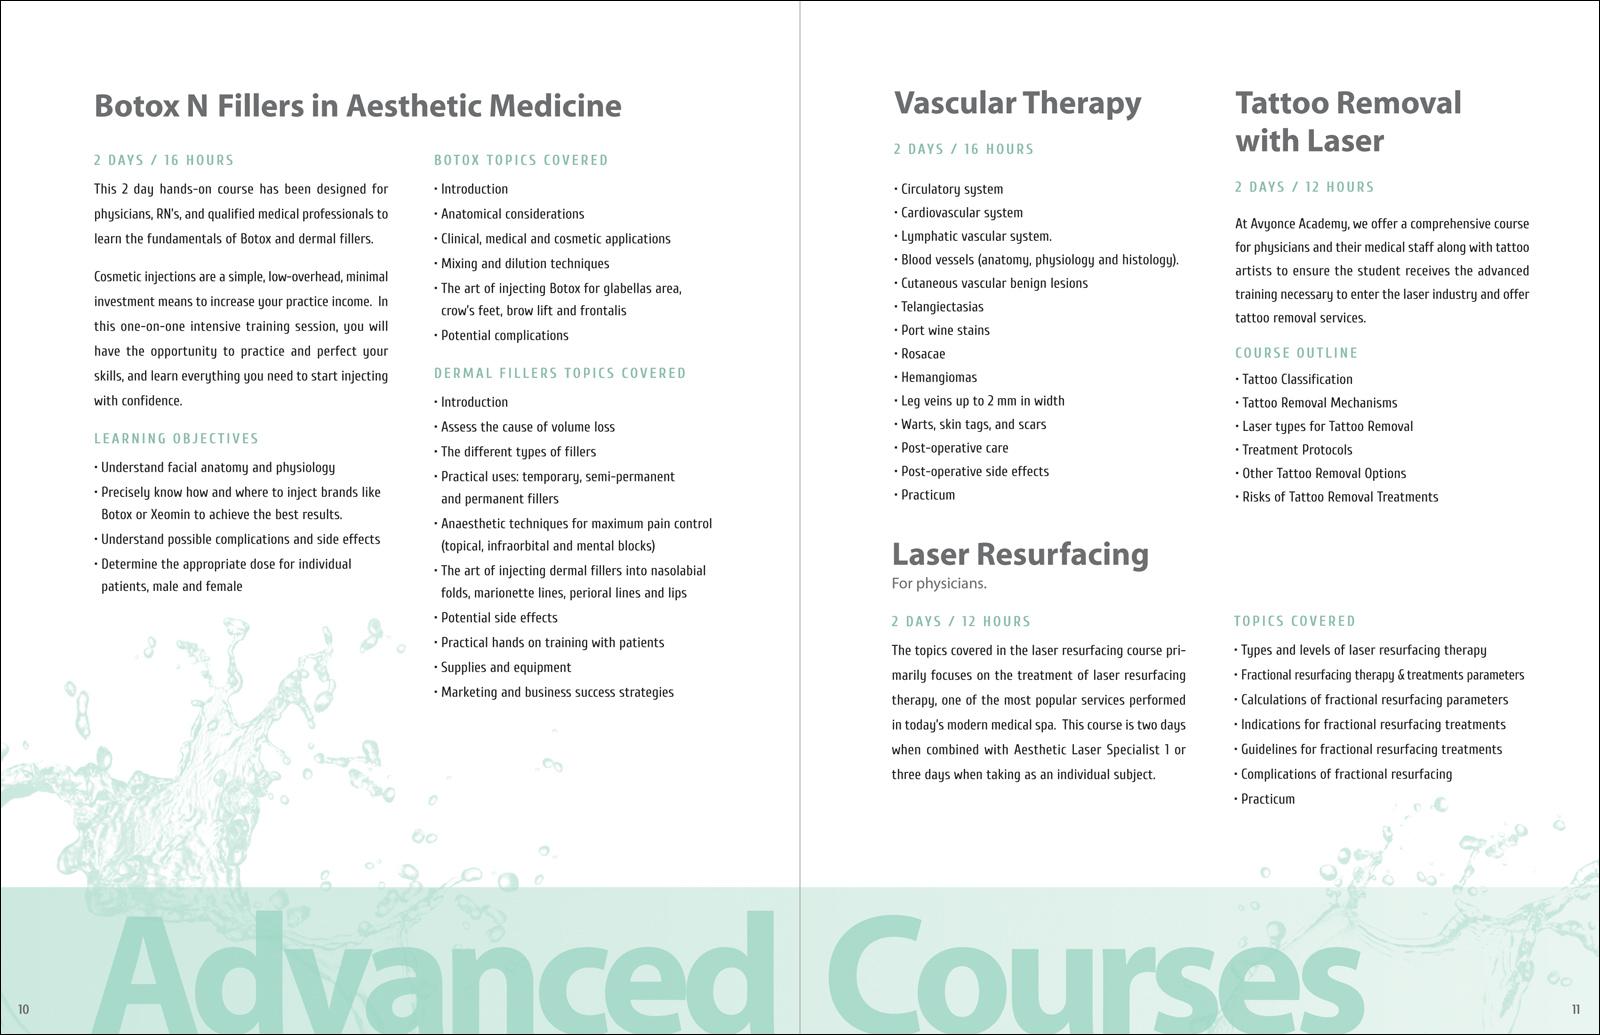 Avyonce-Academy-Brochure-6.jpg